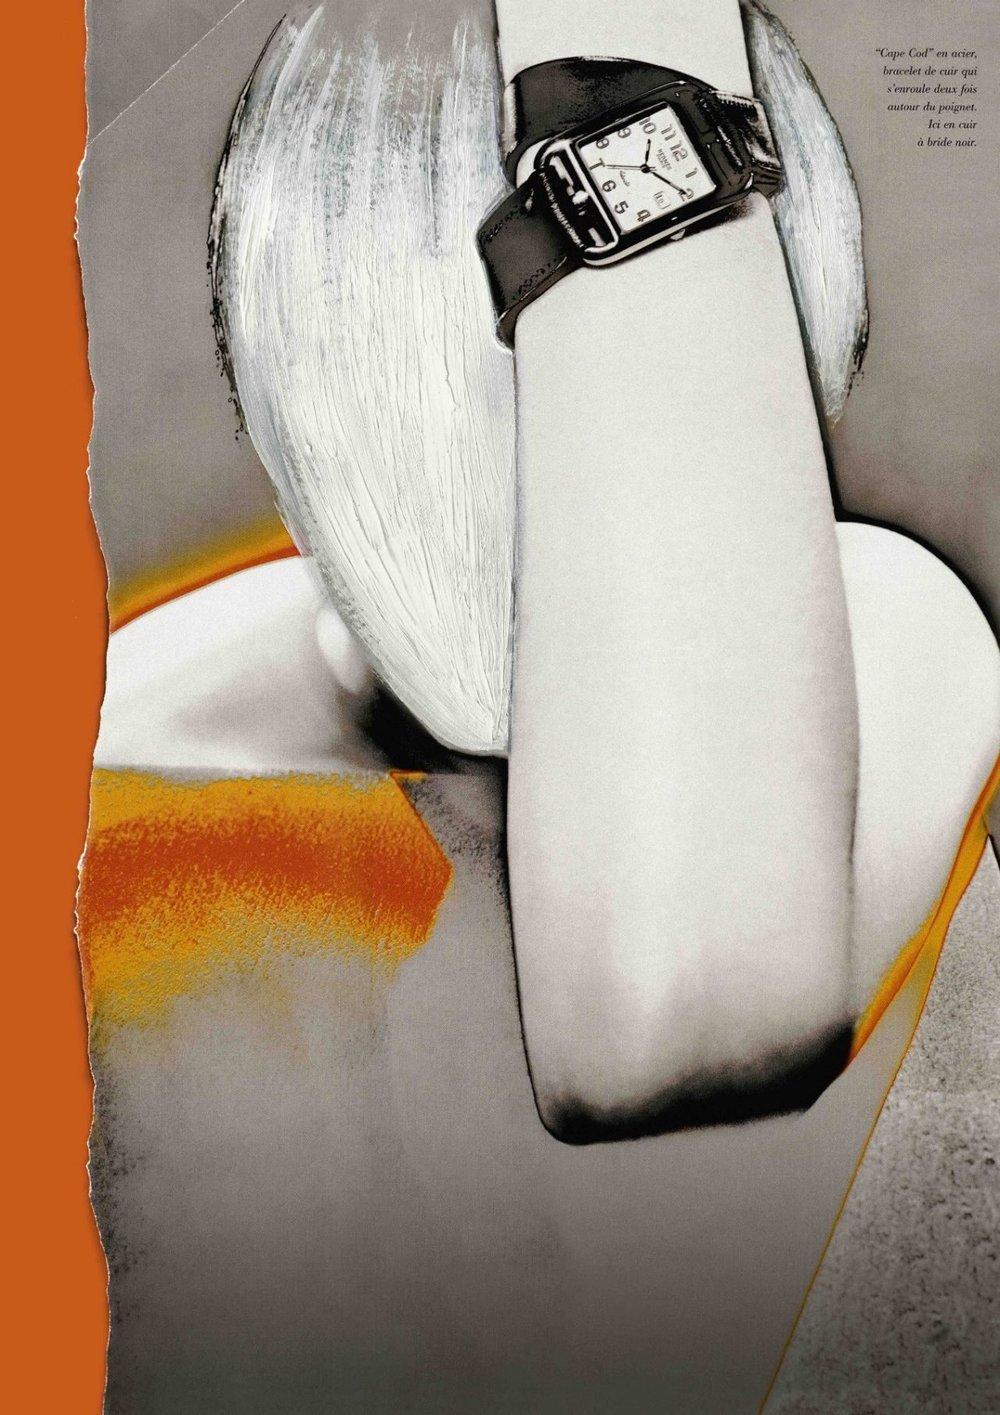 HERMÈS FW 1998 beeld advertentiecampagne overschilderd door Martin Margiela (Cape Cod uurwerk ontworpen door Henri d'Origny en double-tour armband door Martin margiela) - Foto: Thierry Le Goues - grafisch ontwerp Jelle Jespers